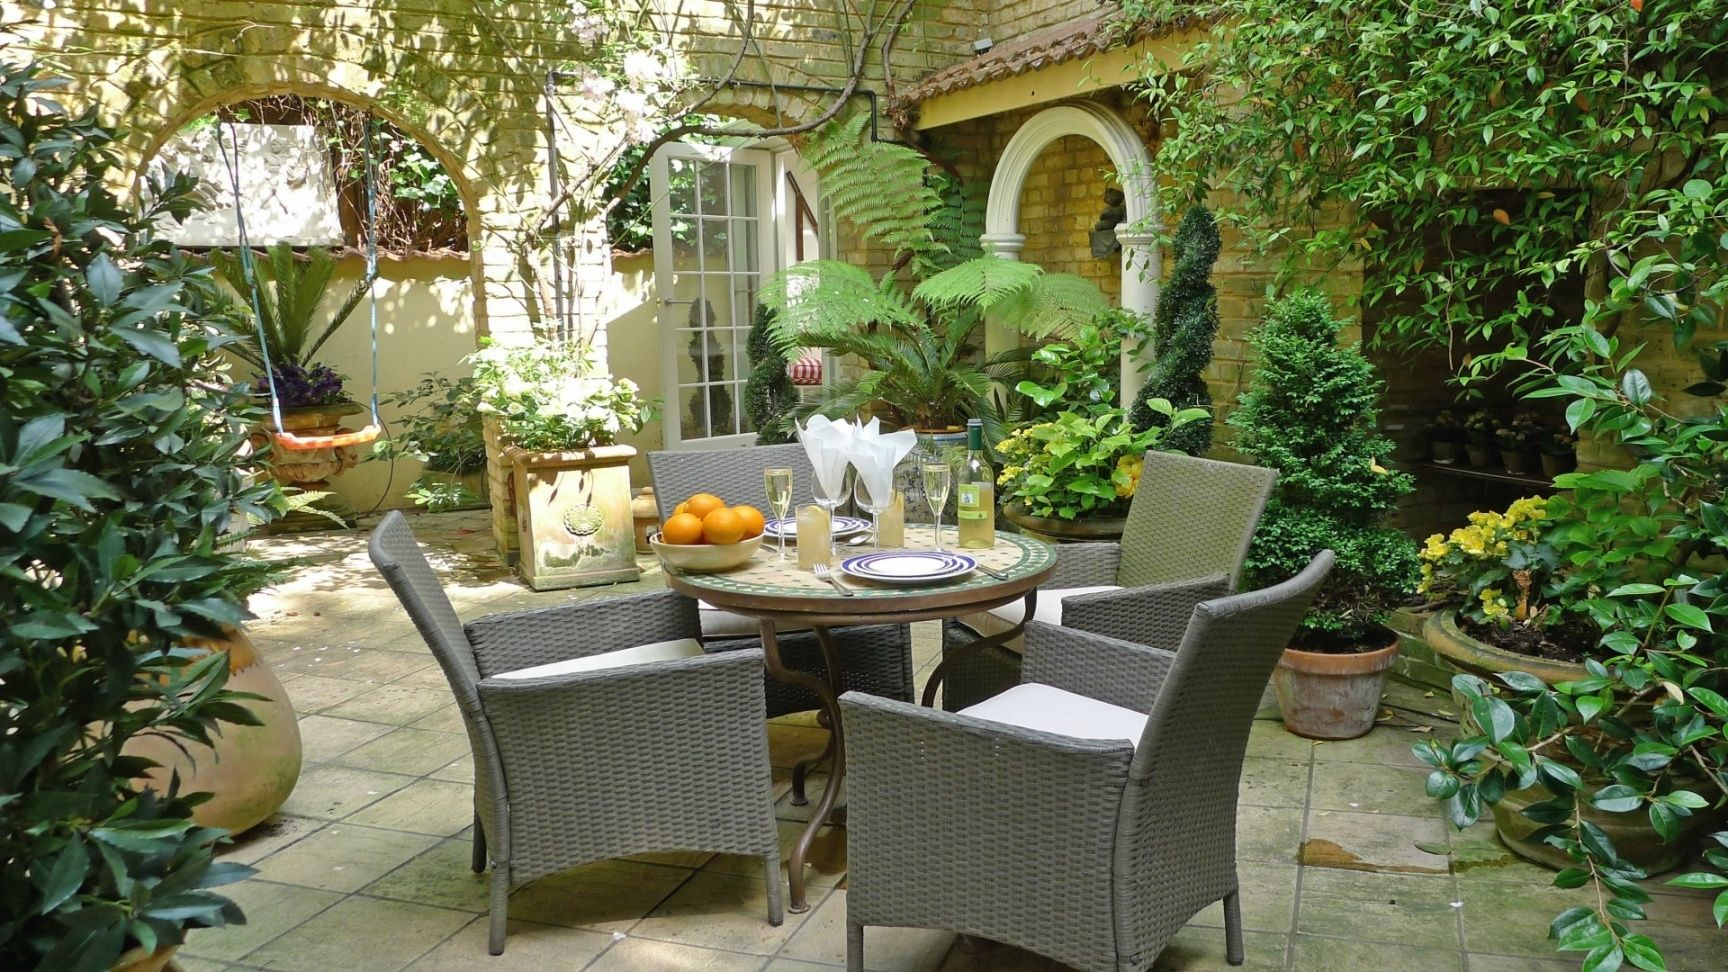 Pin On For The Garden Backyard garden for rent